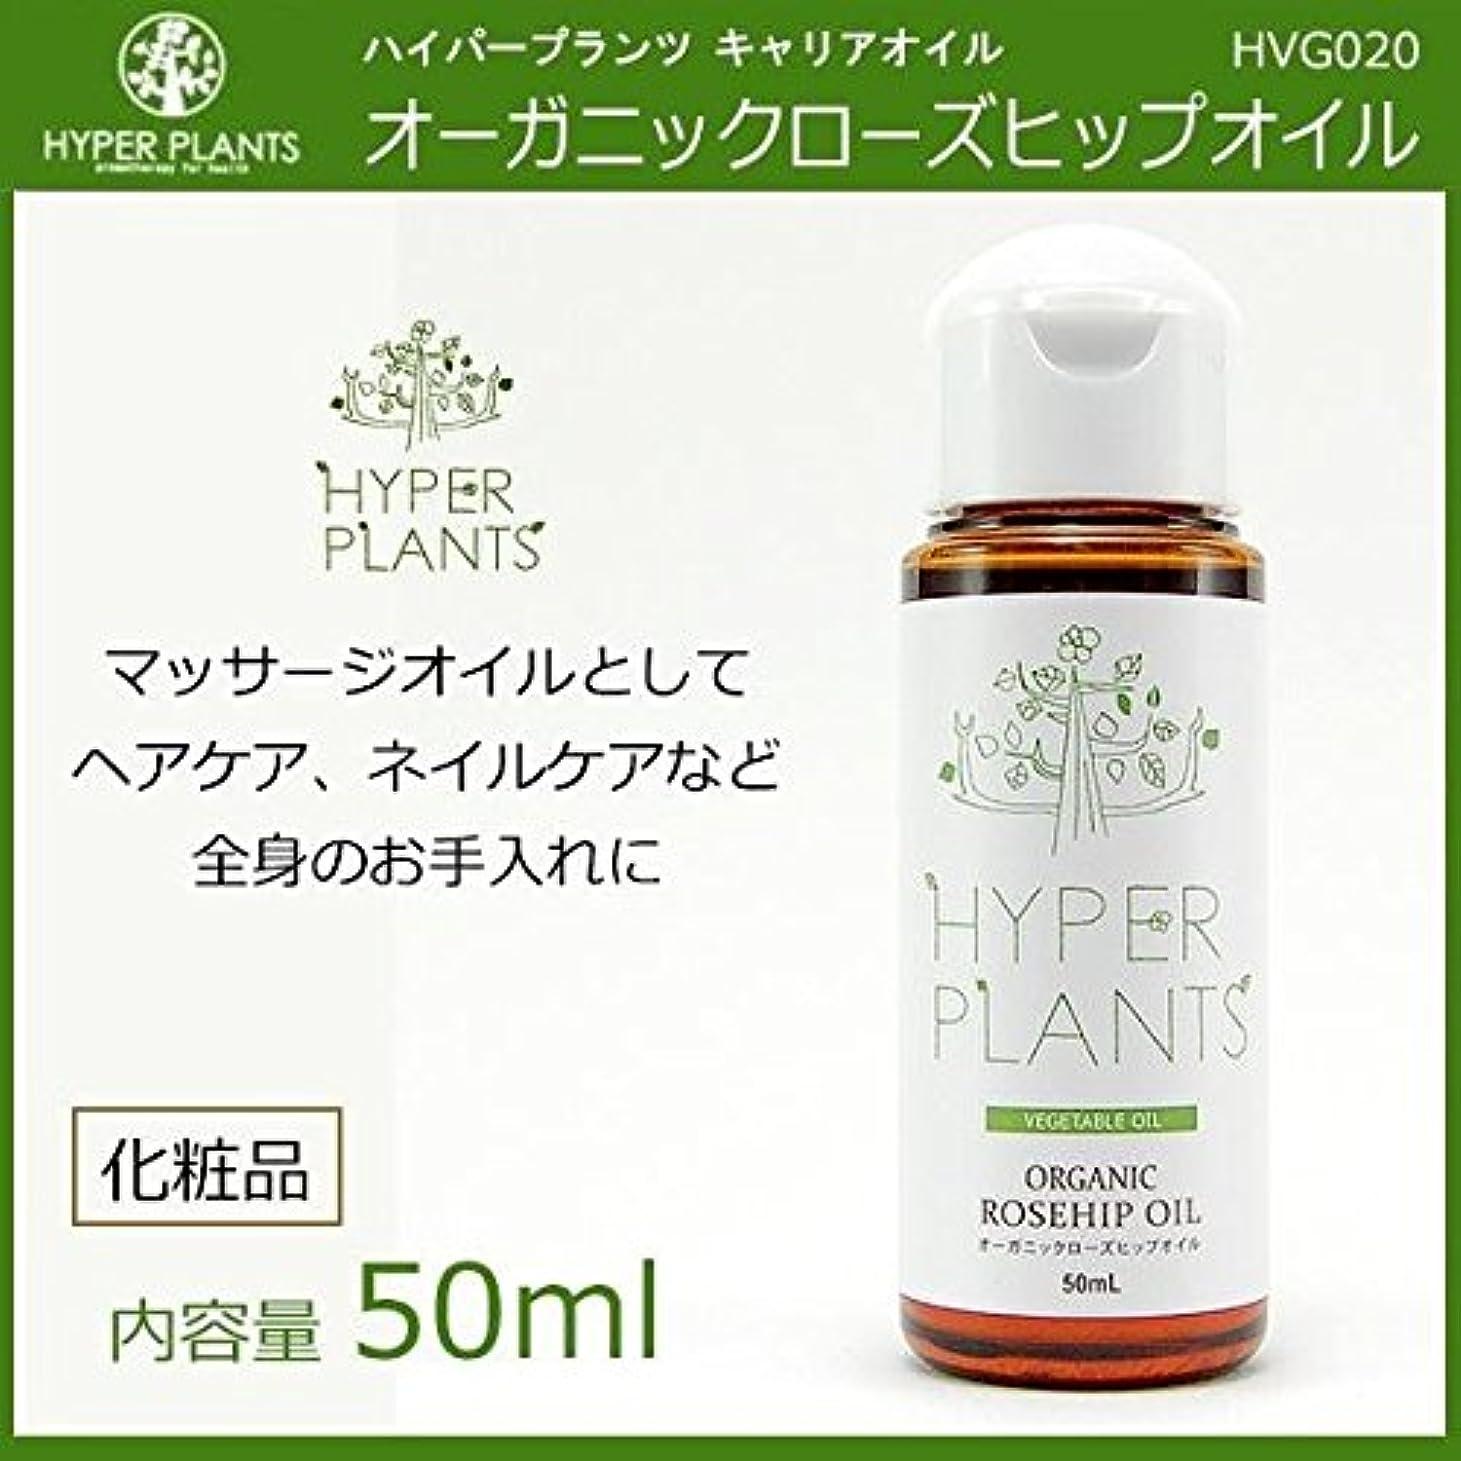 サージピザ受粉者HYPER PLANTS ハイパープランツ キャリアオイル オーガニックローズヒップオイル 50ml HVG020